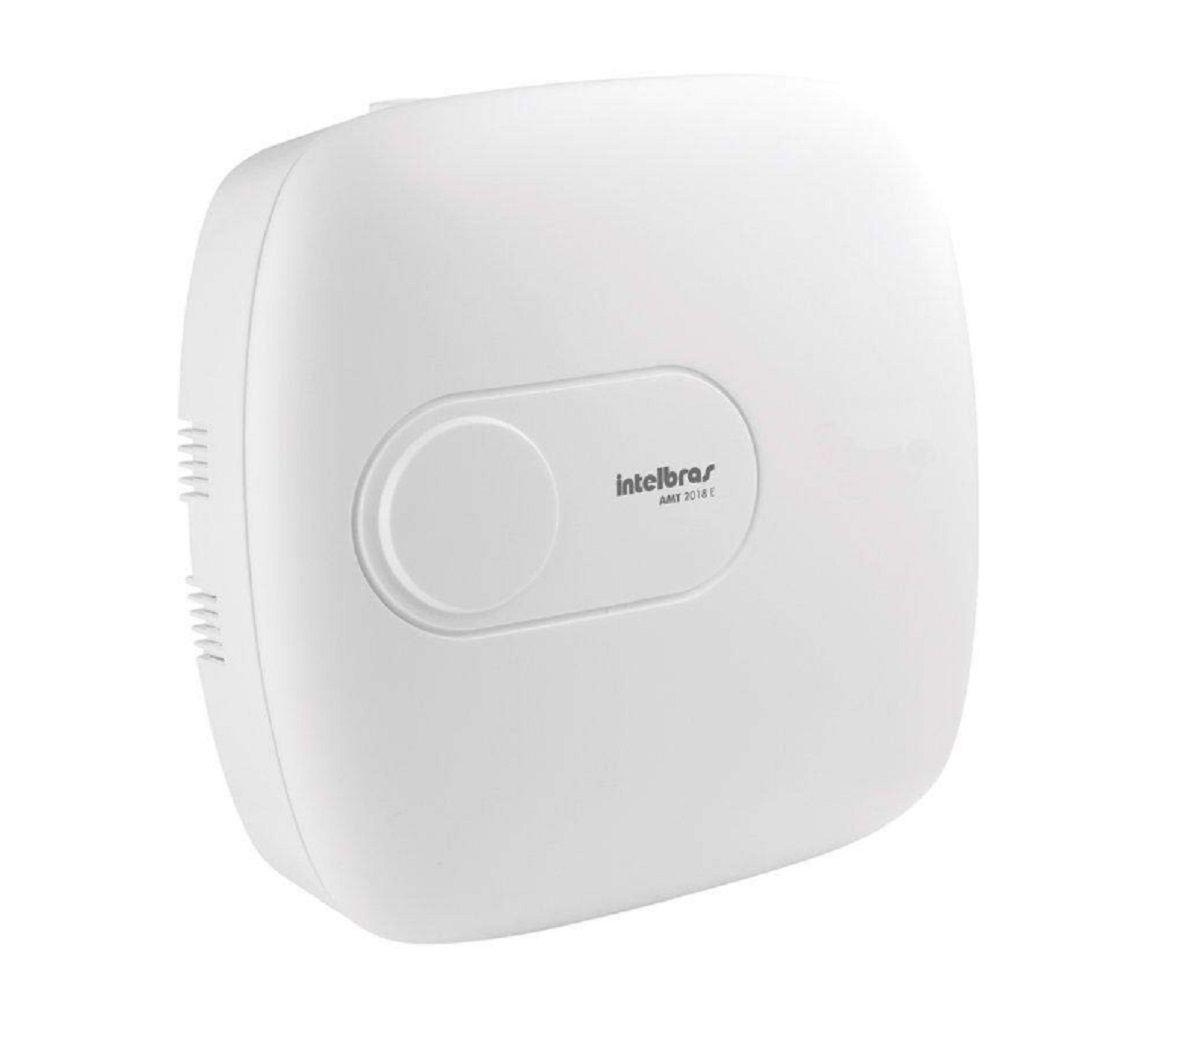 Central Alarme Amt 2018 E Intelbras Monitora Via Celular